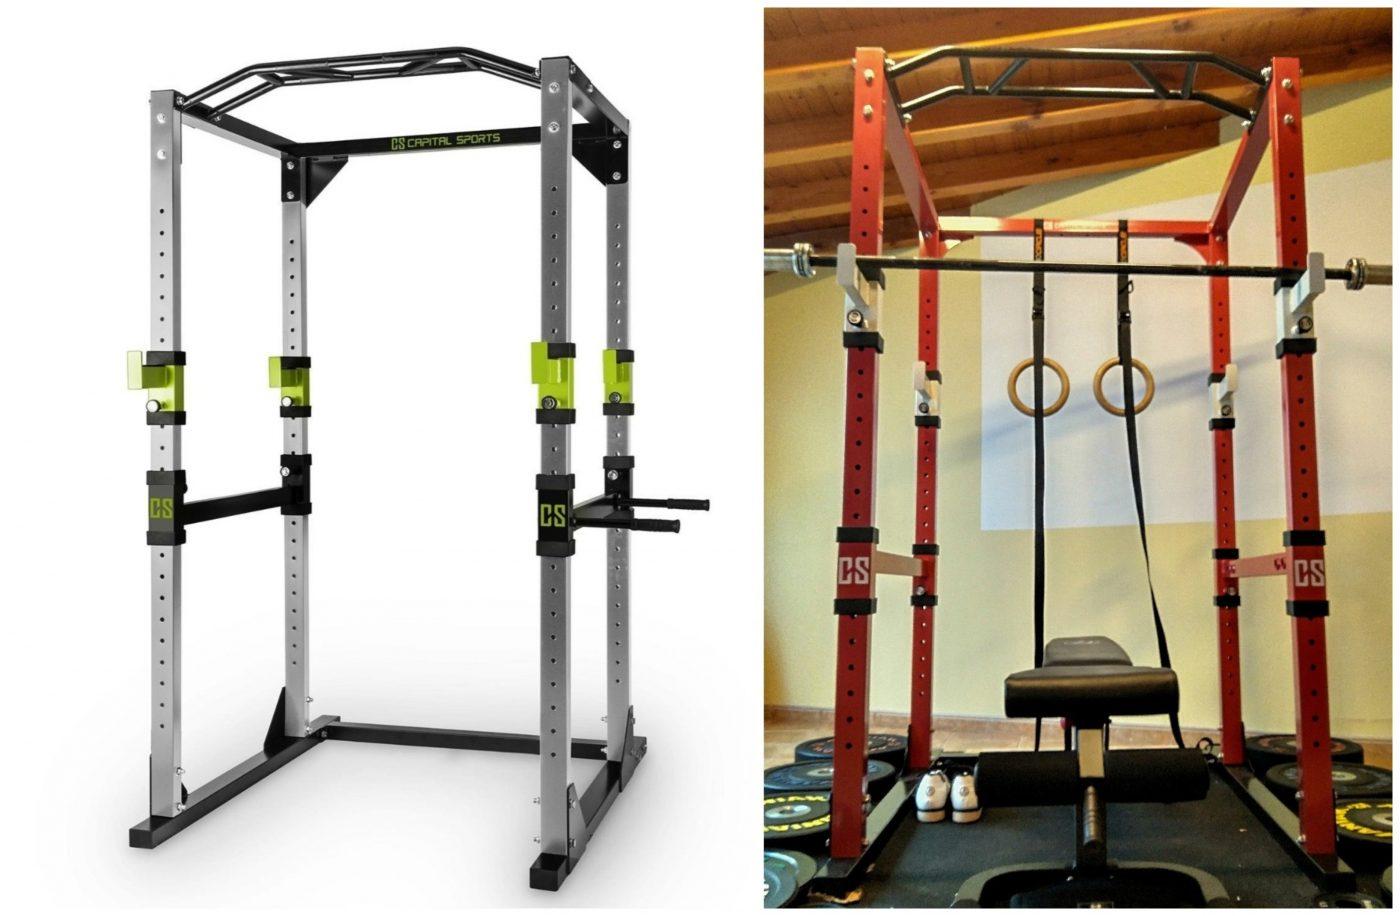 Capital Sports Tremendour Jaula de musculación (acero, soportes seguridad, 4 ganchos en J, barra multiagarre, barras paralelas desmontables, pesas, press, flexiones)